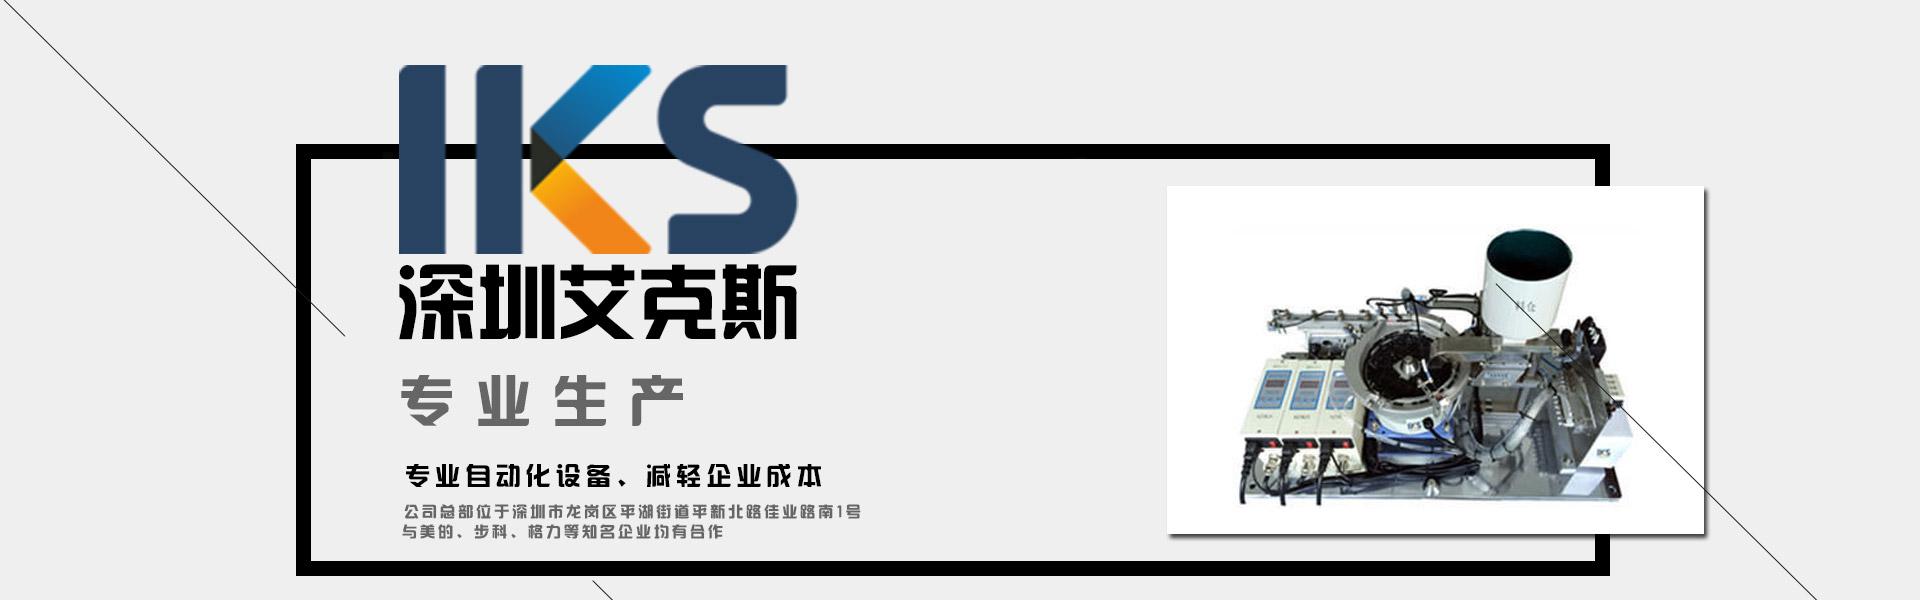 深圳艾克斯振动盘